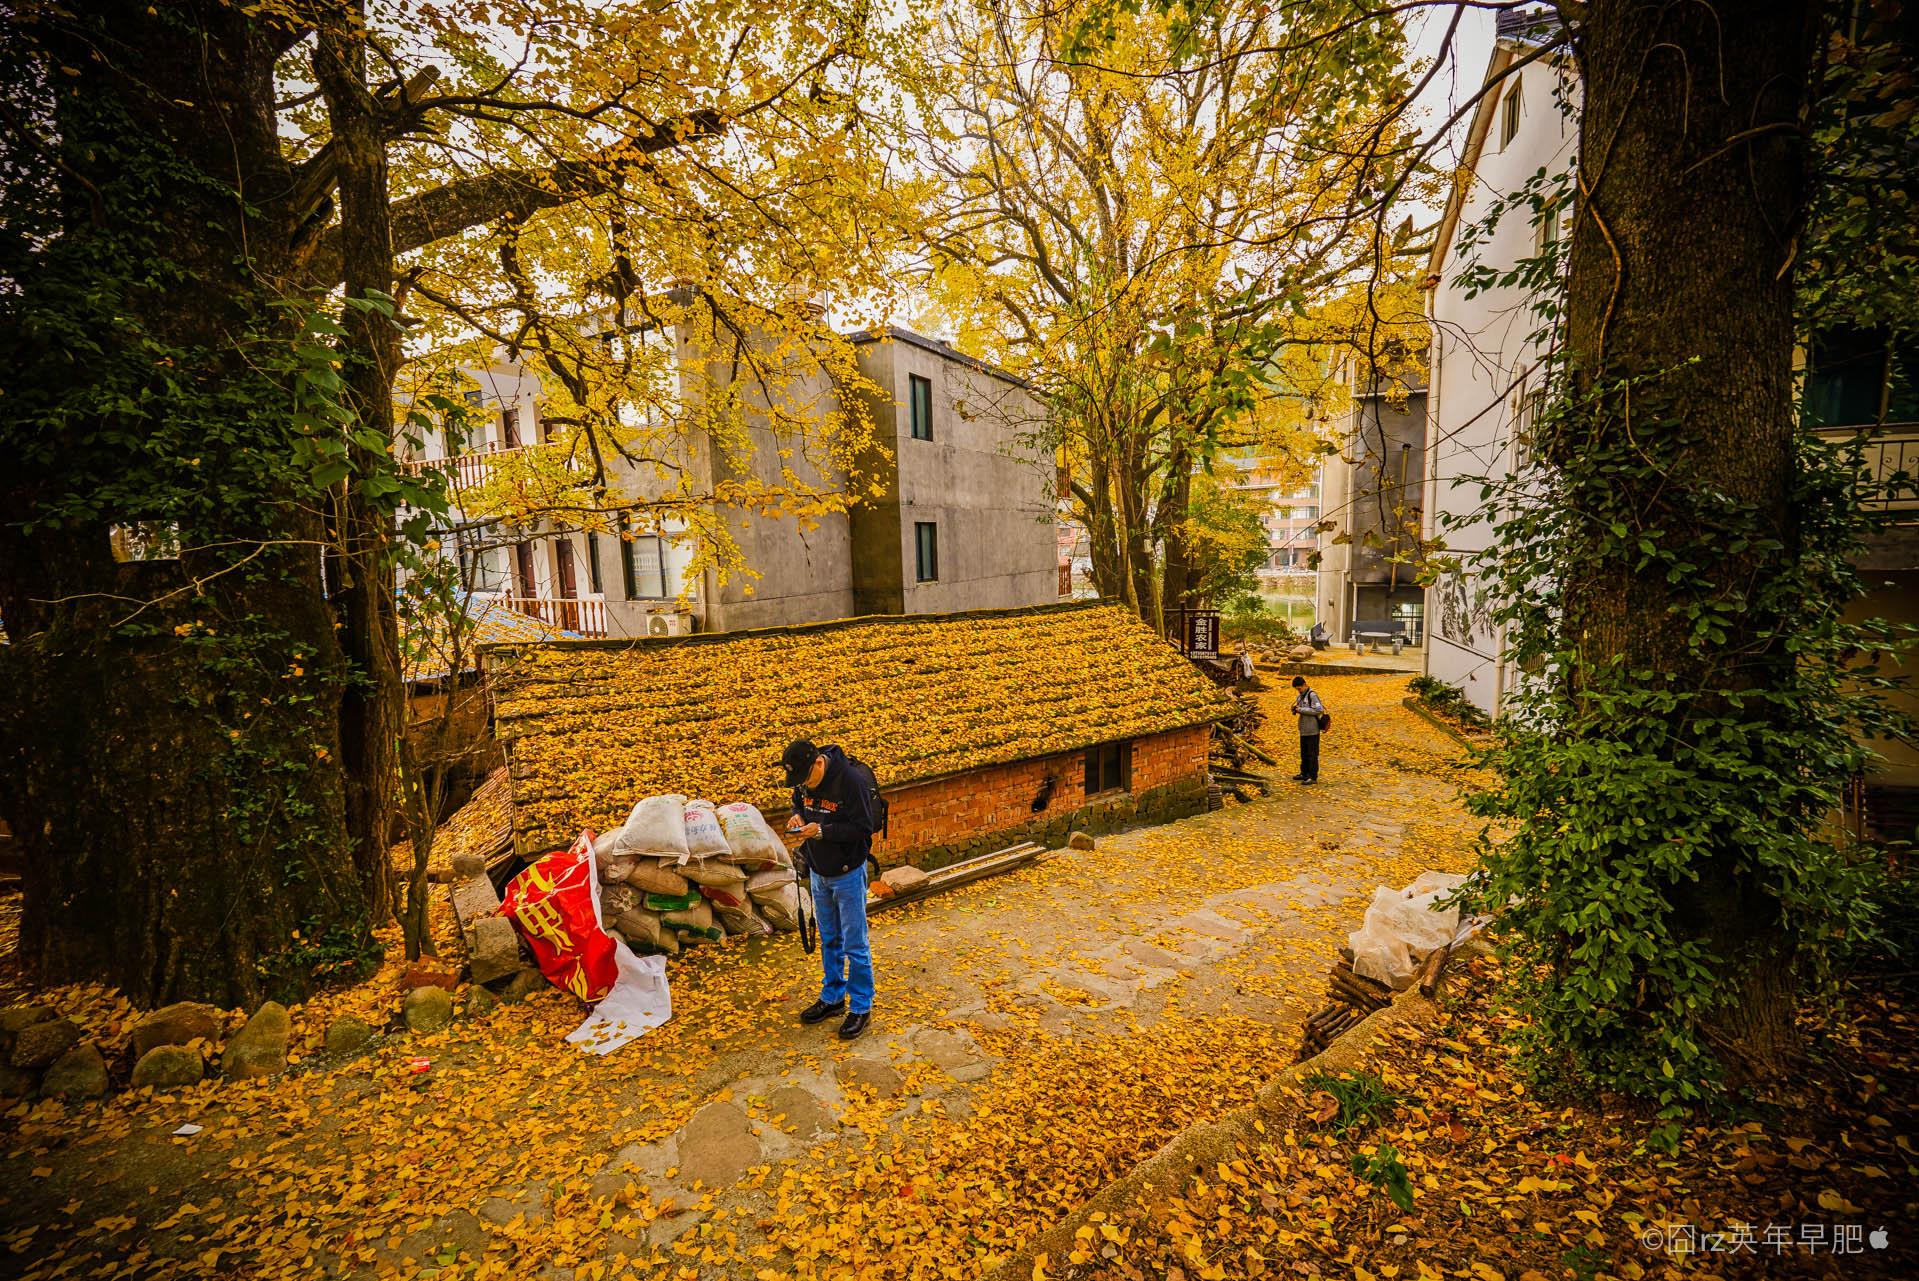 古树300多株,枫树,银杏,石楠,叶子由绿变成红,黄,橙等色彩分明绚烂.